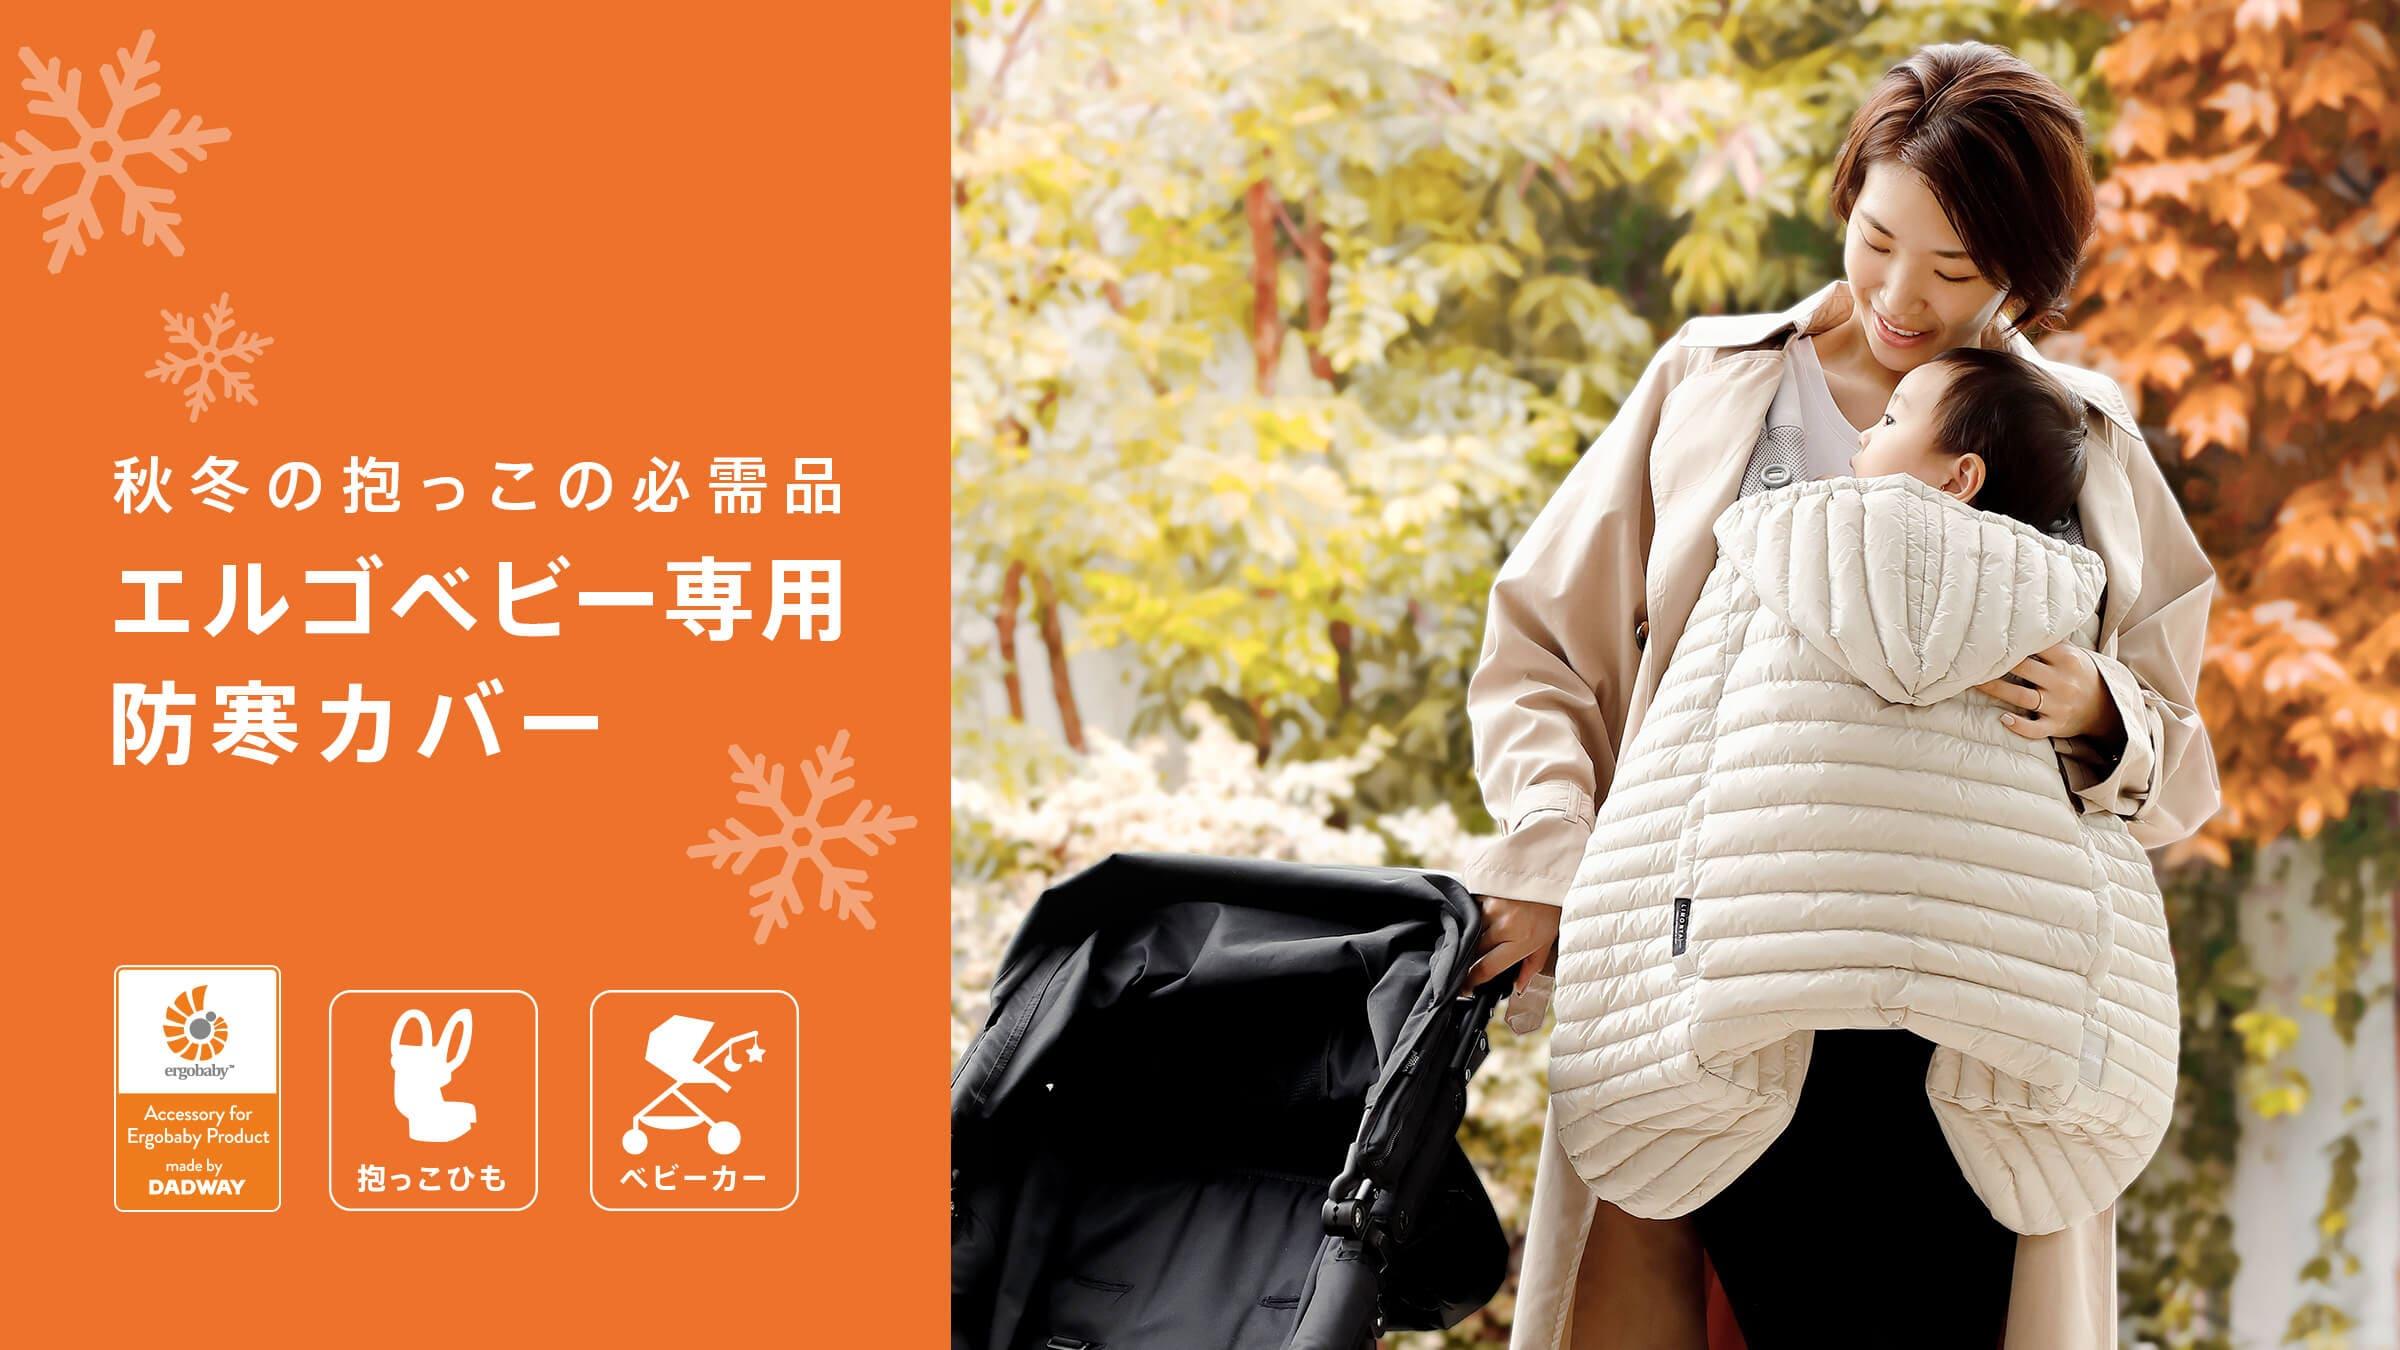 秋冬の抱っこの必需品 エルゴベビー専用防寒カバー